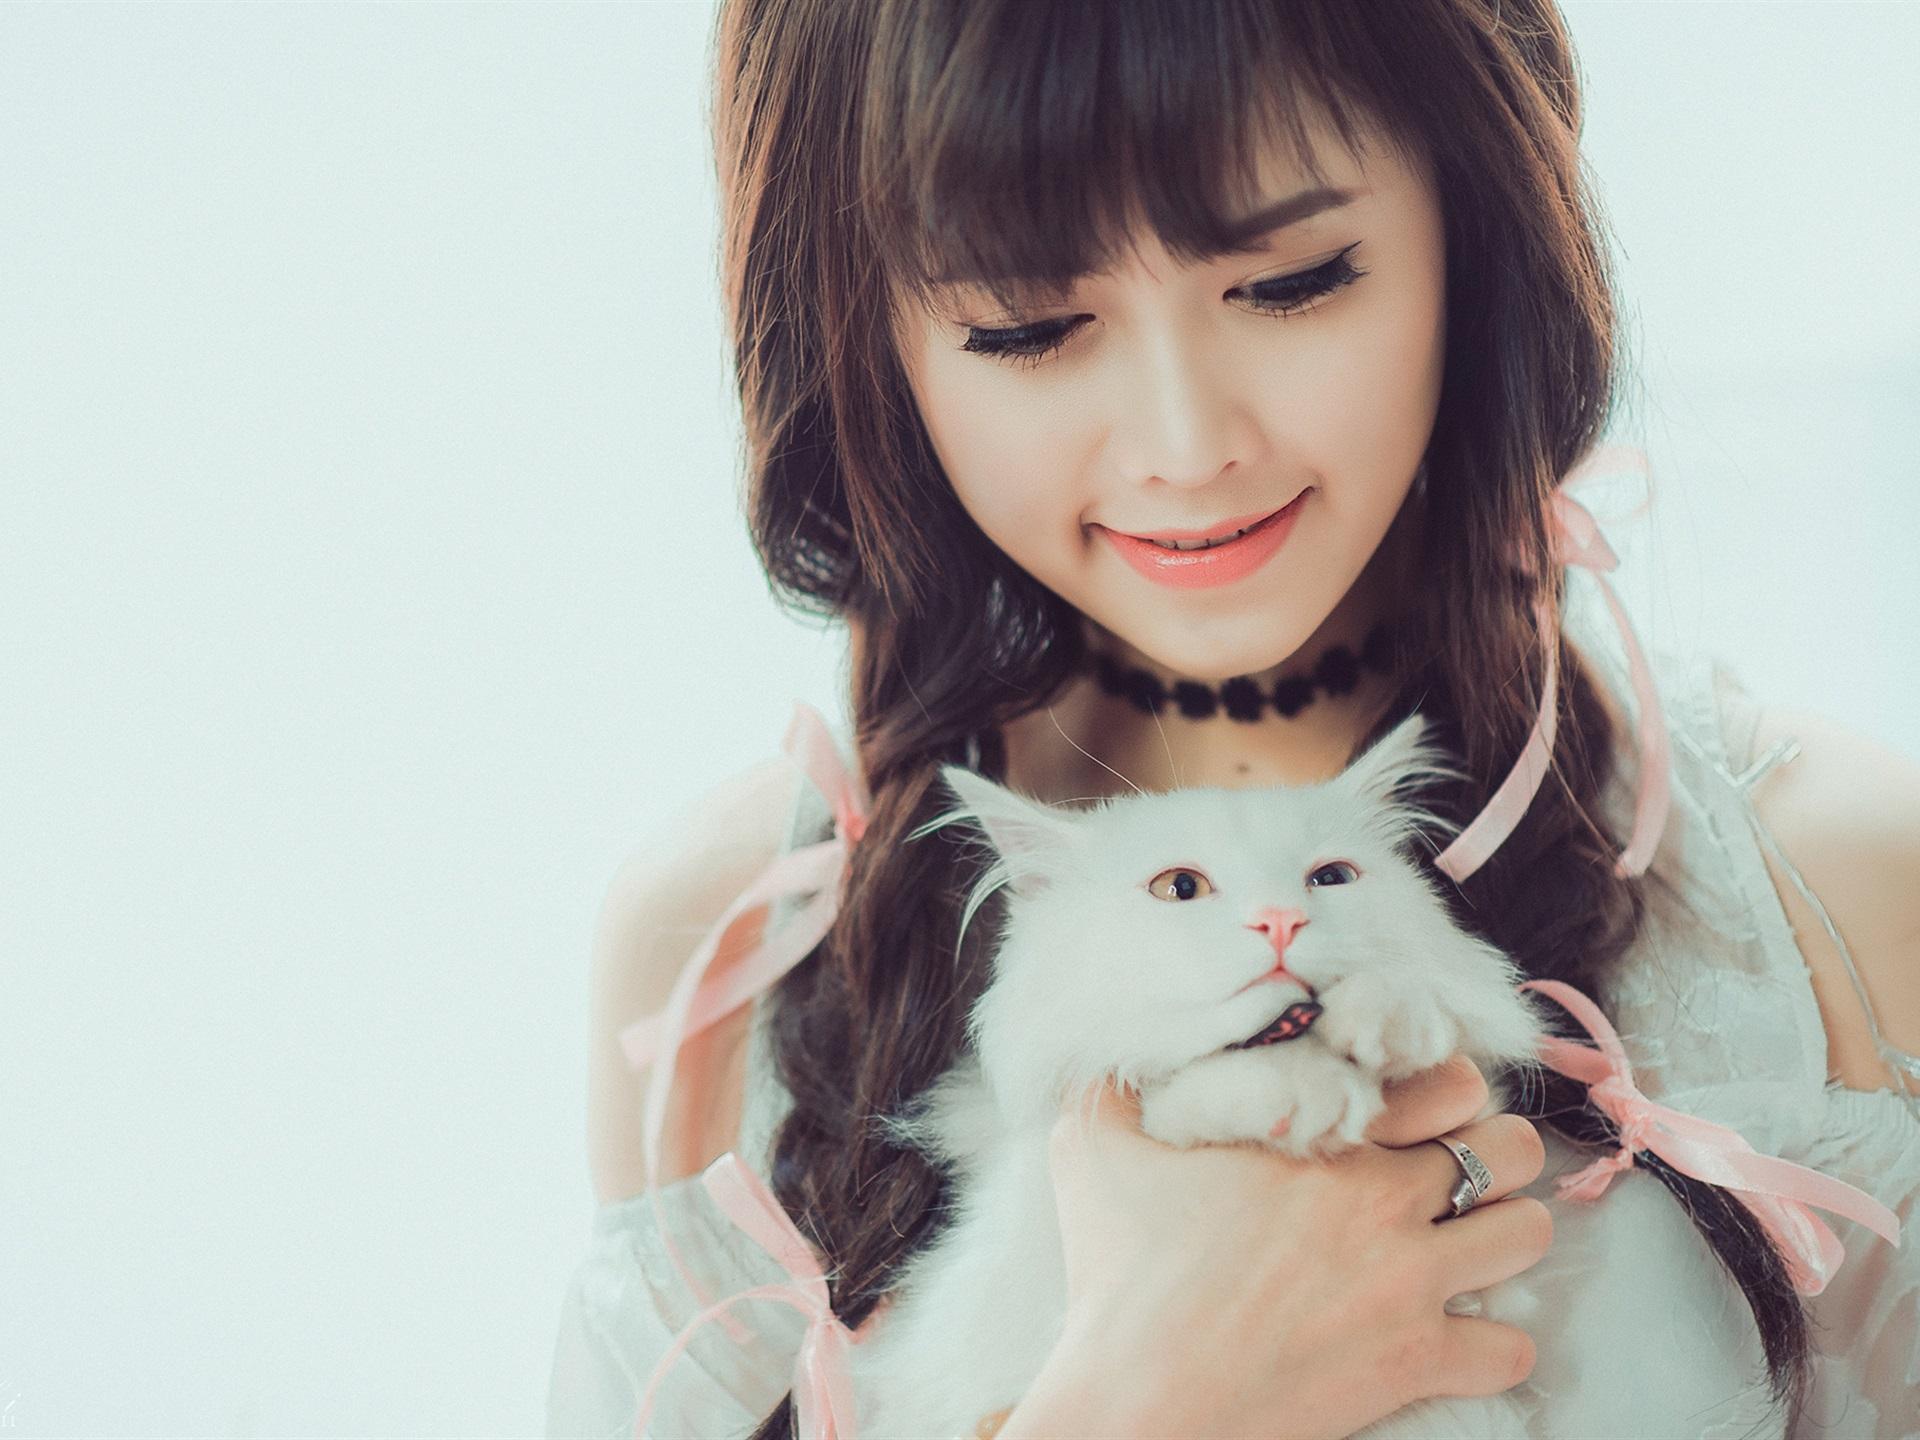 Hd Wallpaper Korean Cute Girl Smile Asian Girl And White Cat Wallpaper Girls